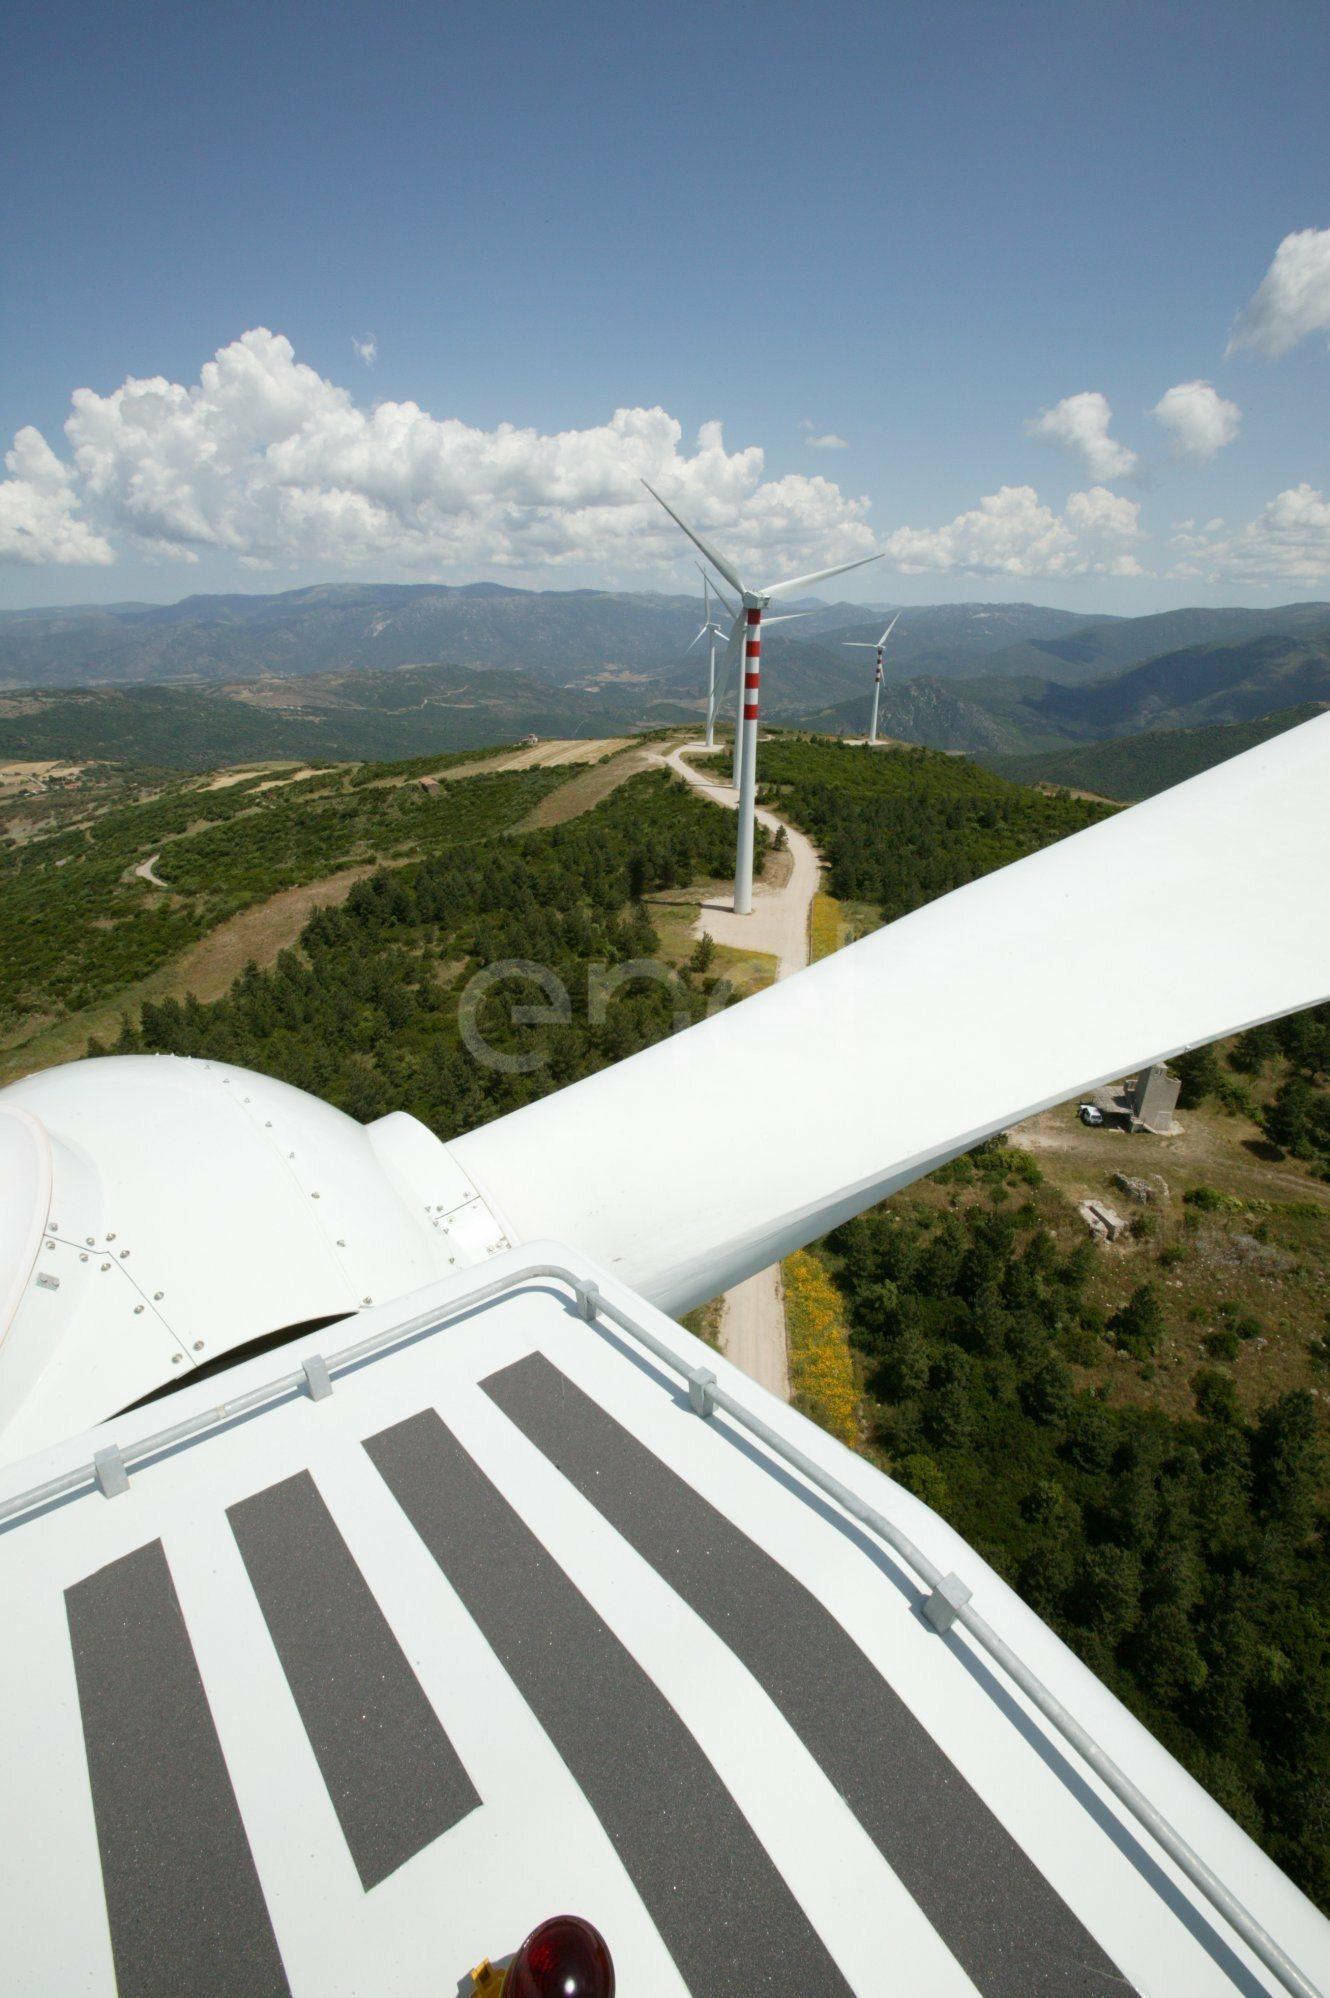 Il mozzo e le pale del rotore e veduta dall'alto di altri aerogeneratori